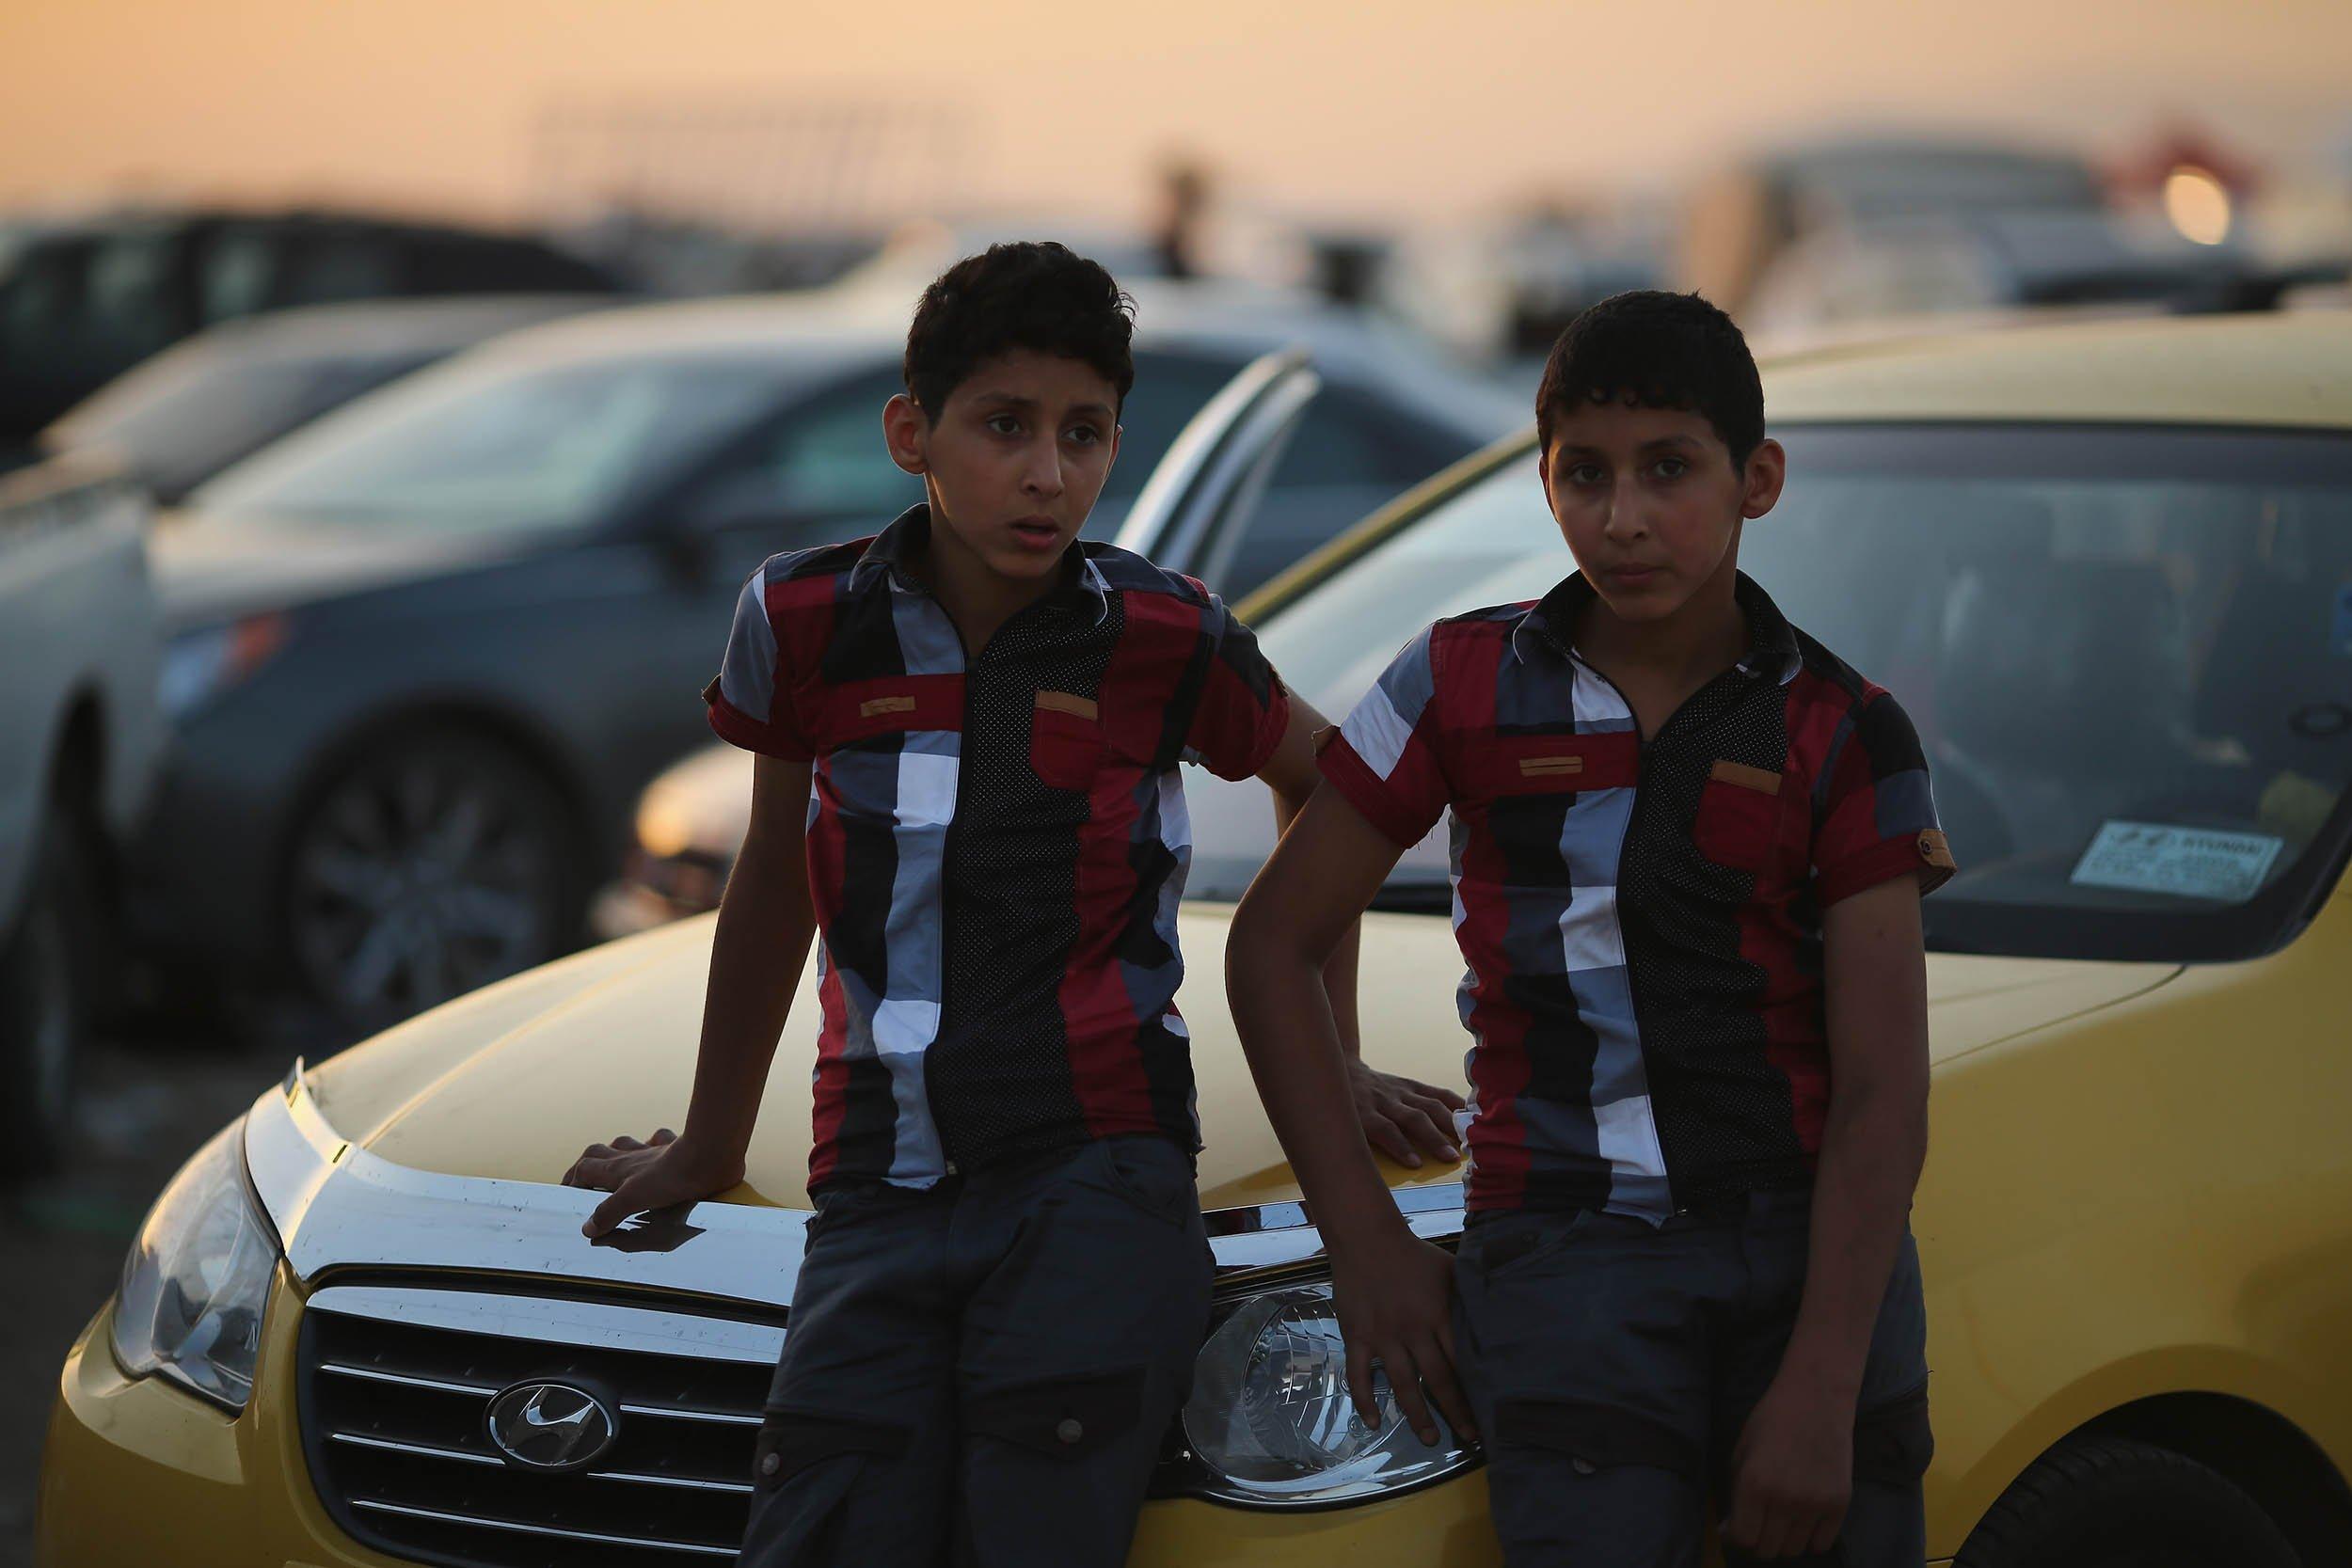 6.16_Iraq_Refugees_07